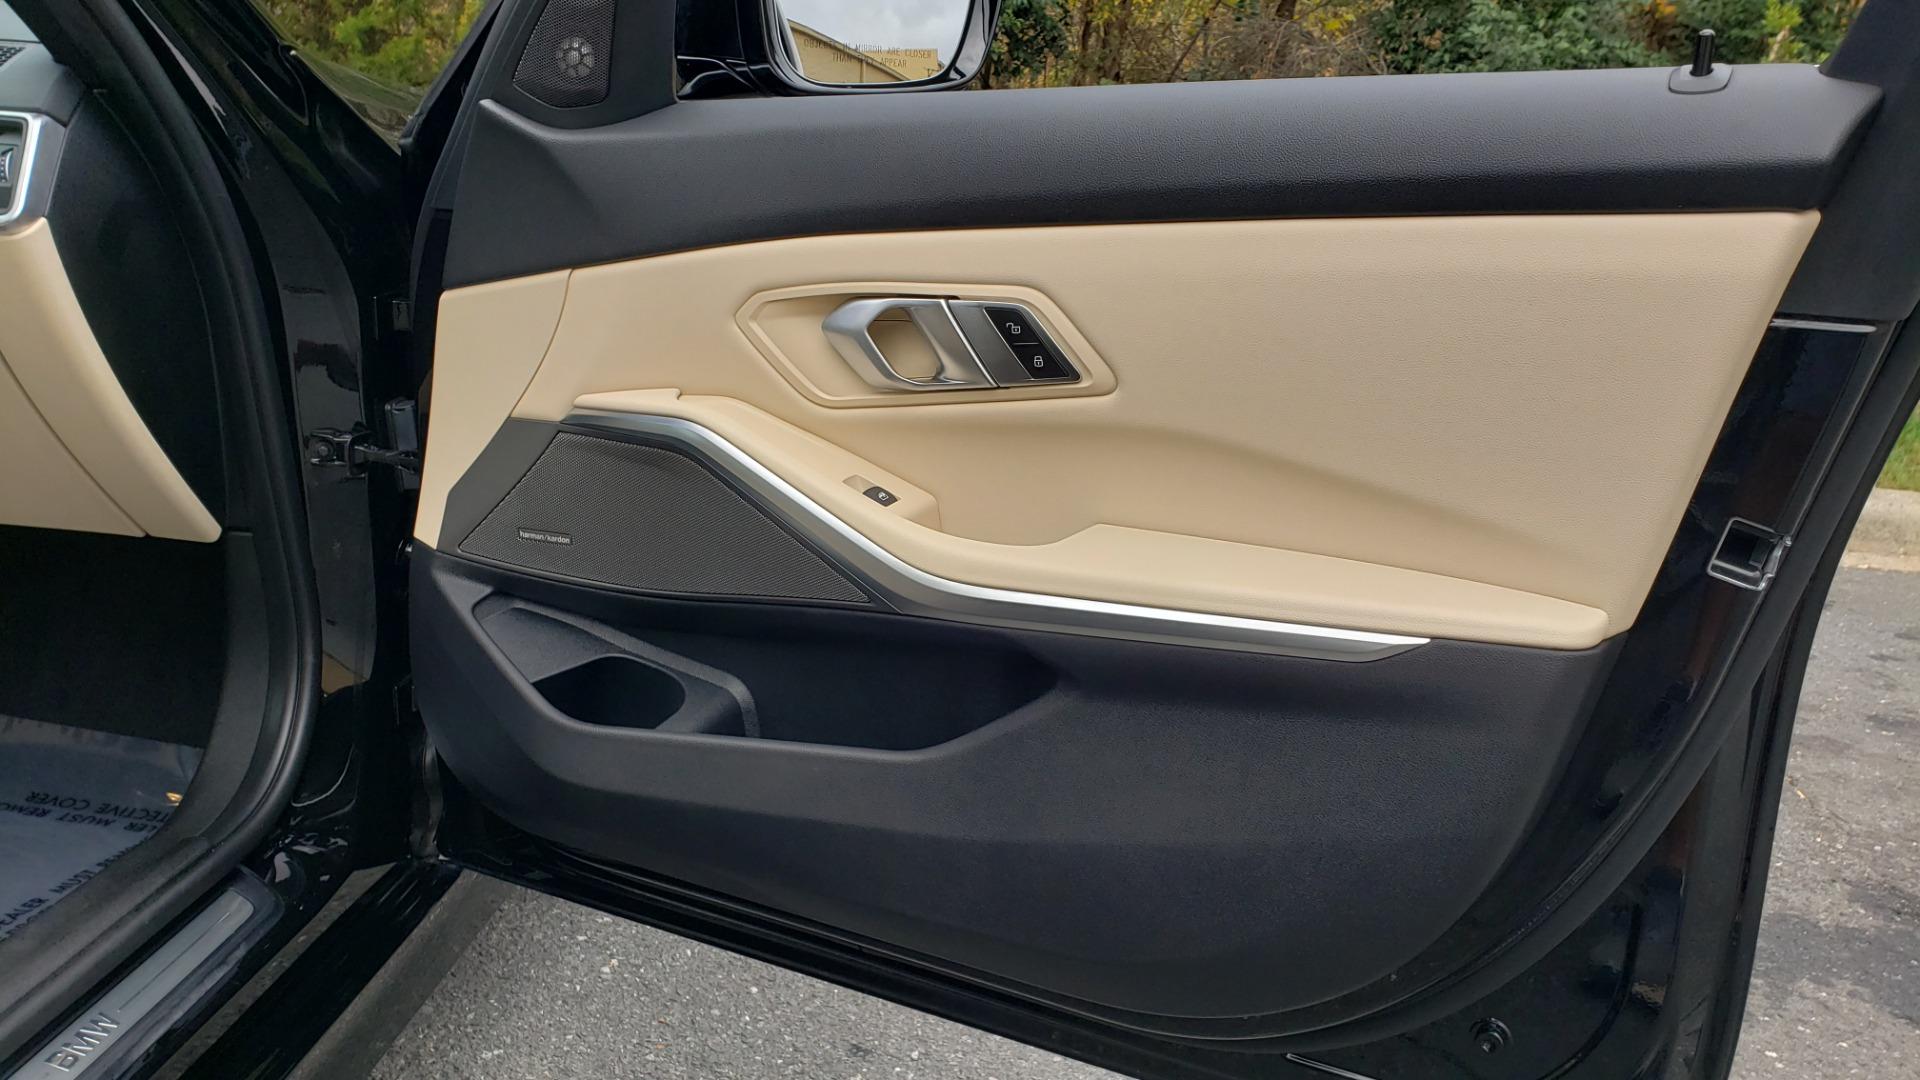 Used 2019 BMW 3 SERIES 330I PREM PKG / NAV / CONV PKG / H&K SND / LIVE COCKPIT PRO for sale Sold at Formula Imports in Charlotte NC 28227 67